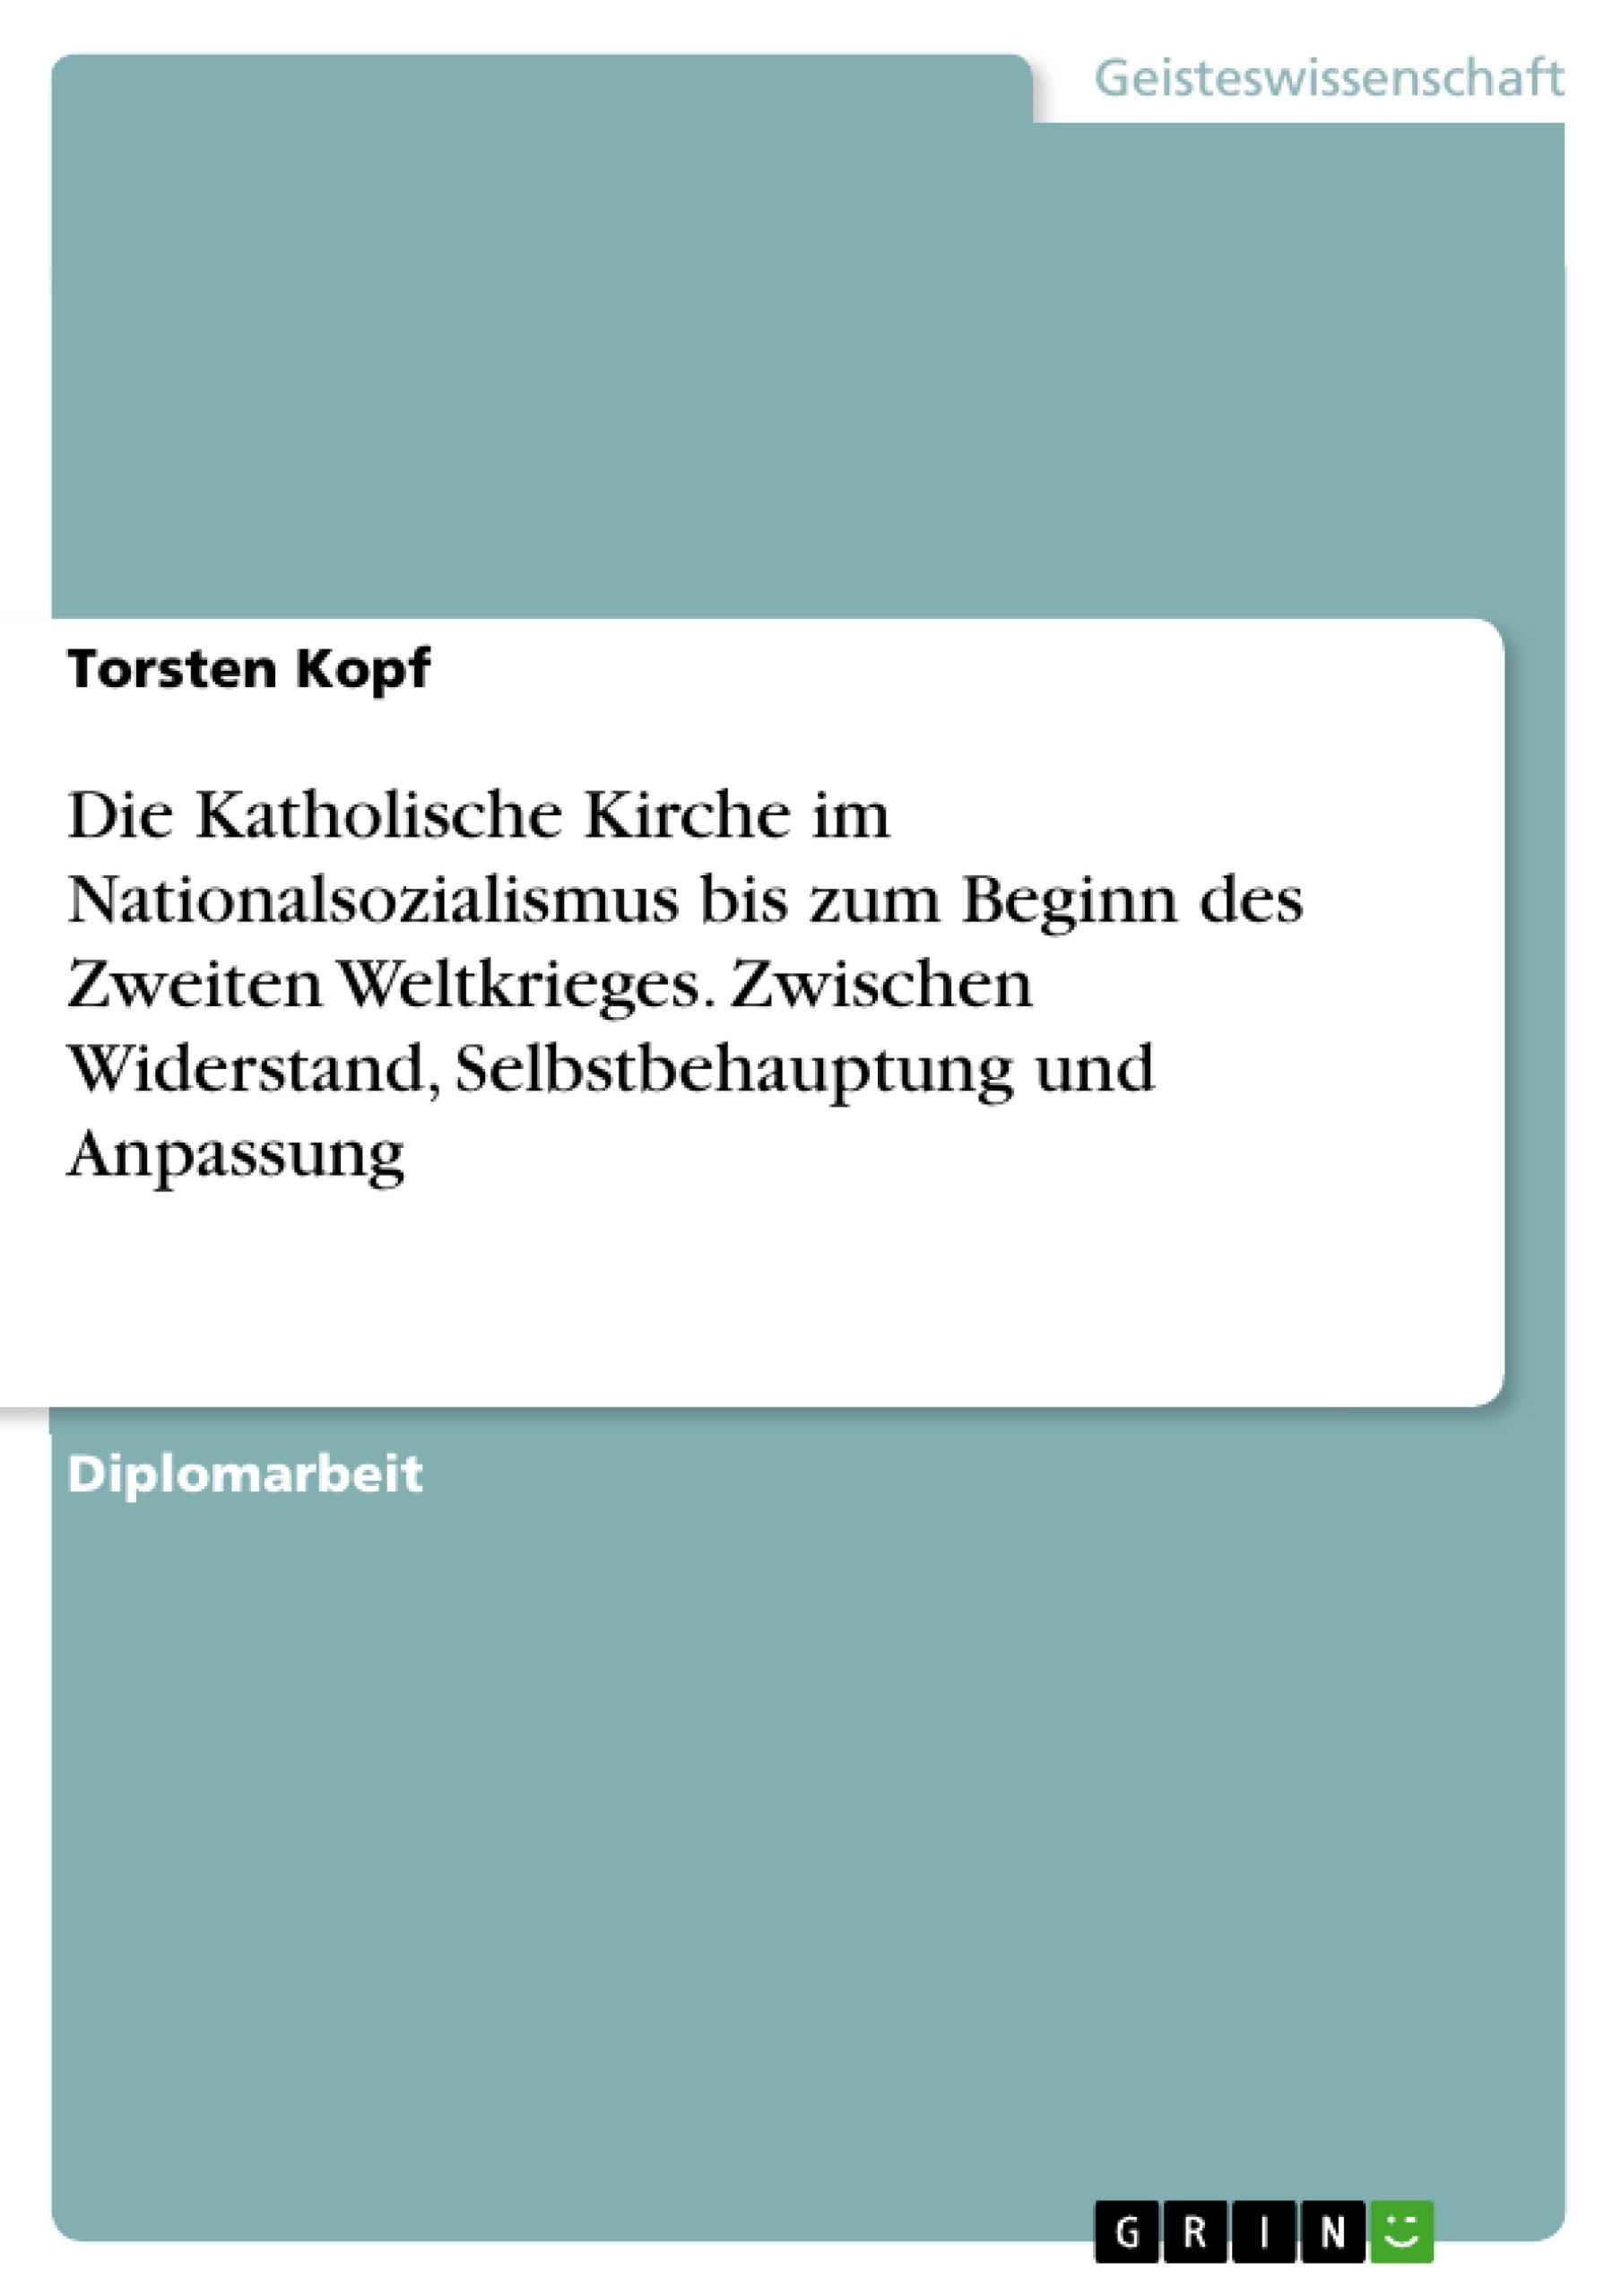 Titel: Die Katholische Kirche im Nationalsozialismus bis zum Beginn des Zweiten Weltkrieges. Zwischen Widerstand, Selbstbehauptung und Anpassung